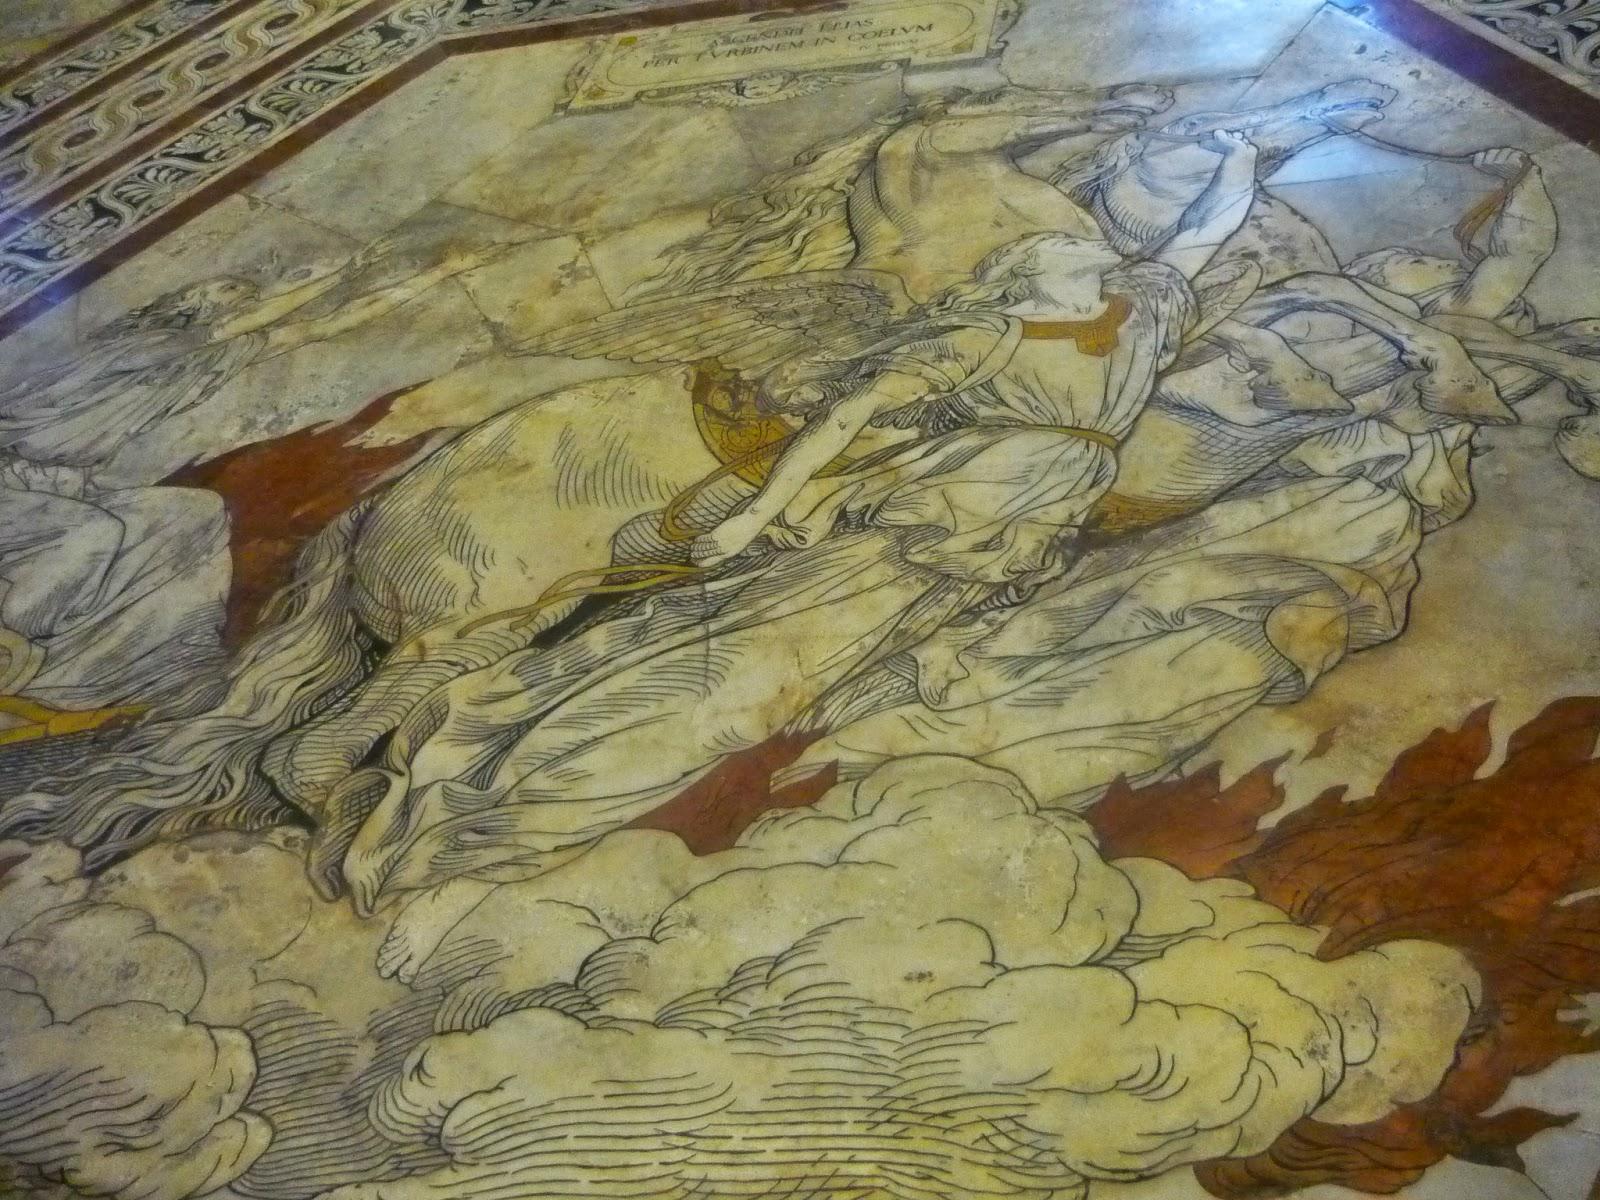 Vuelo Alado (Suelo del Diomo de Siena) Beatriz, 2010